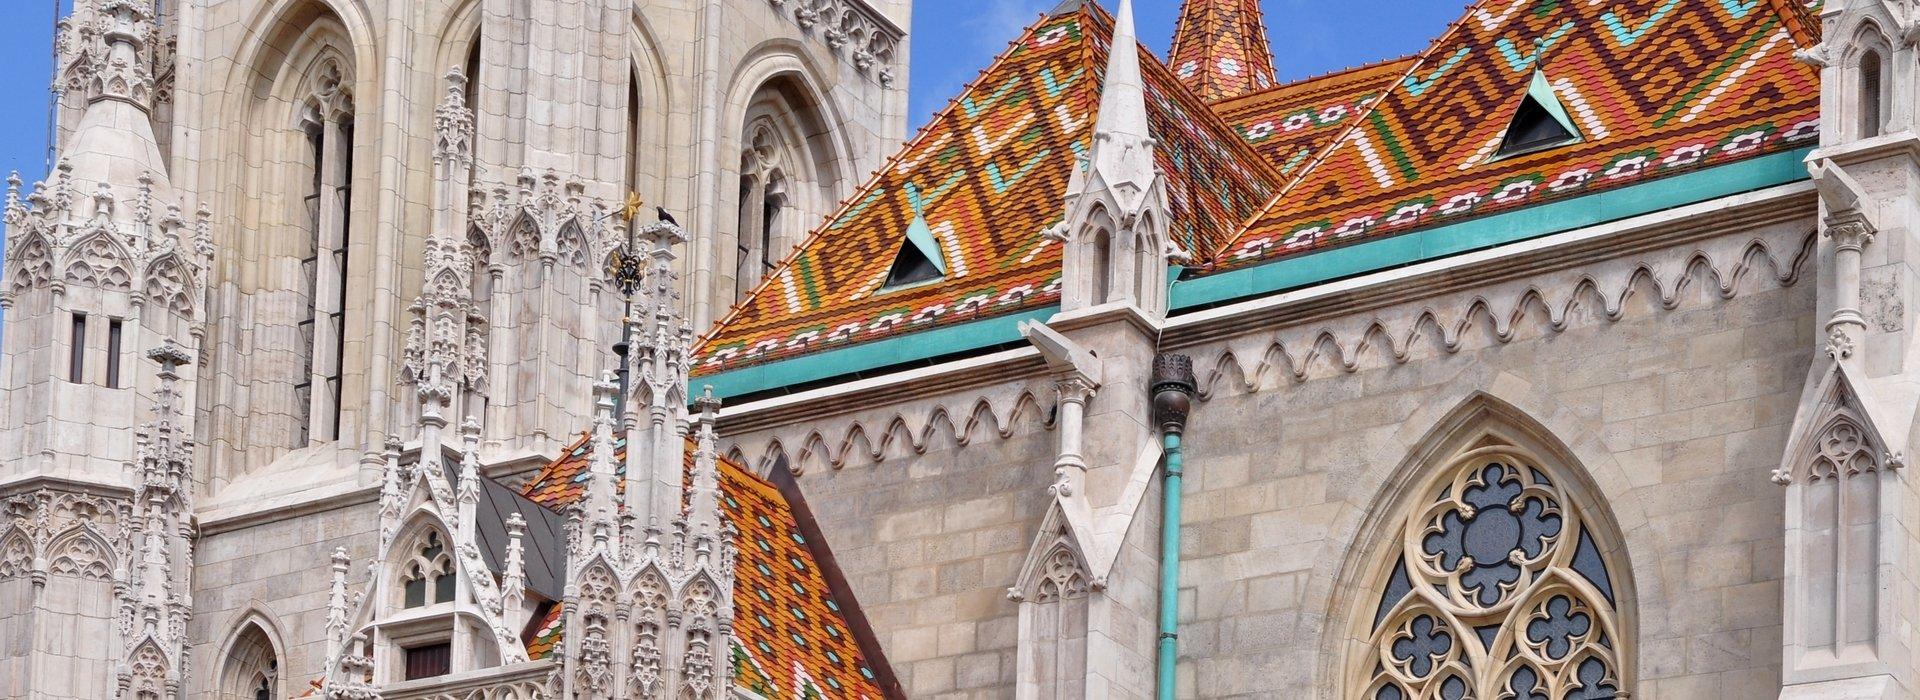 Budapest Kirchen – Kirche & kirchliche Sammlungen in Budapest, Ungarn